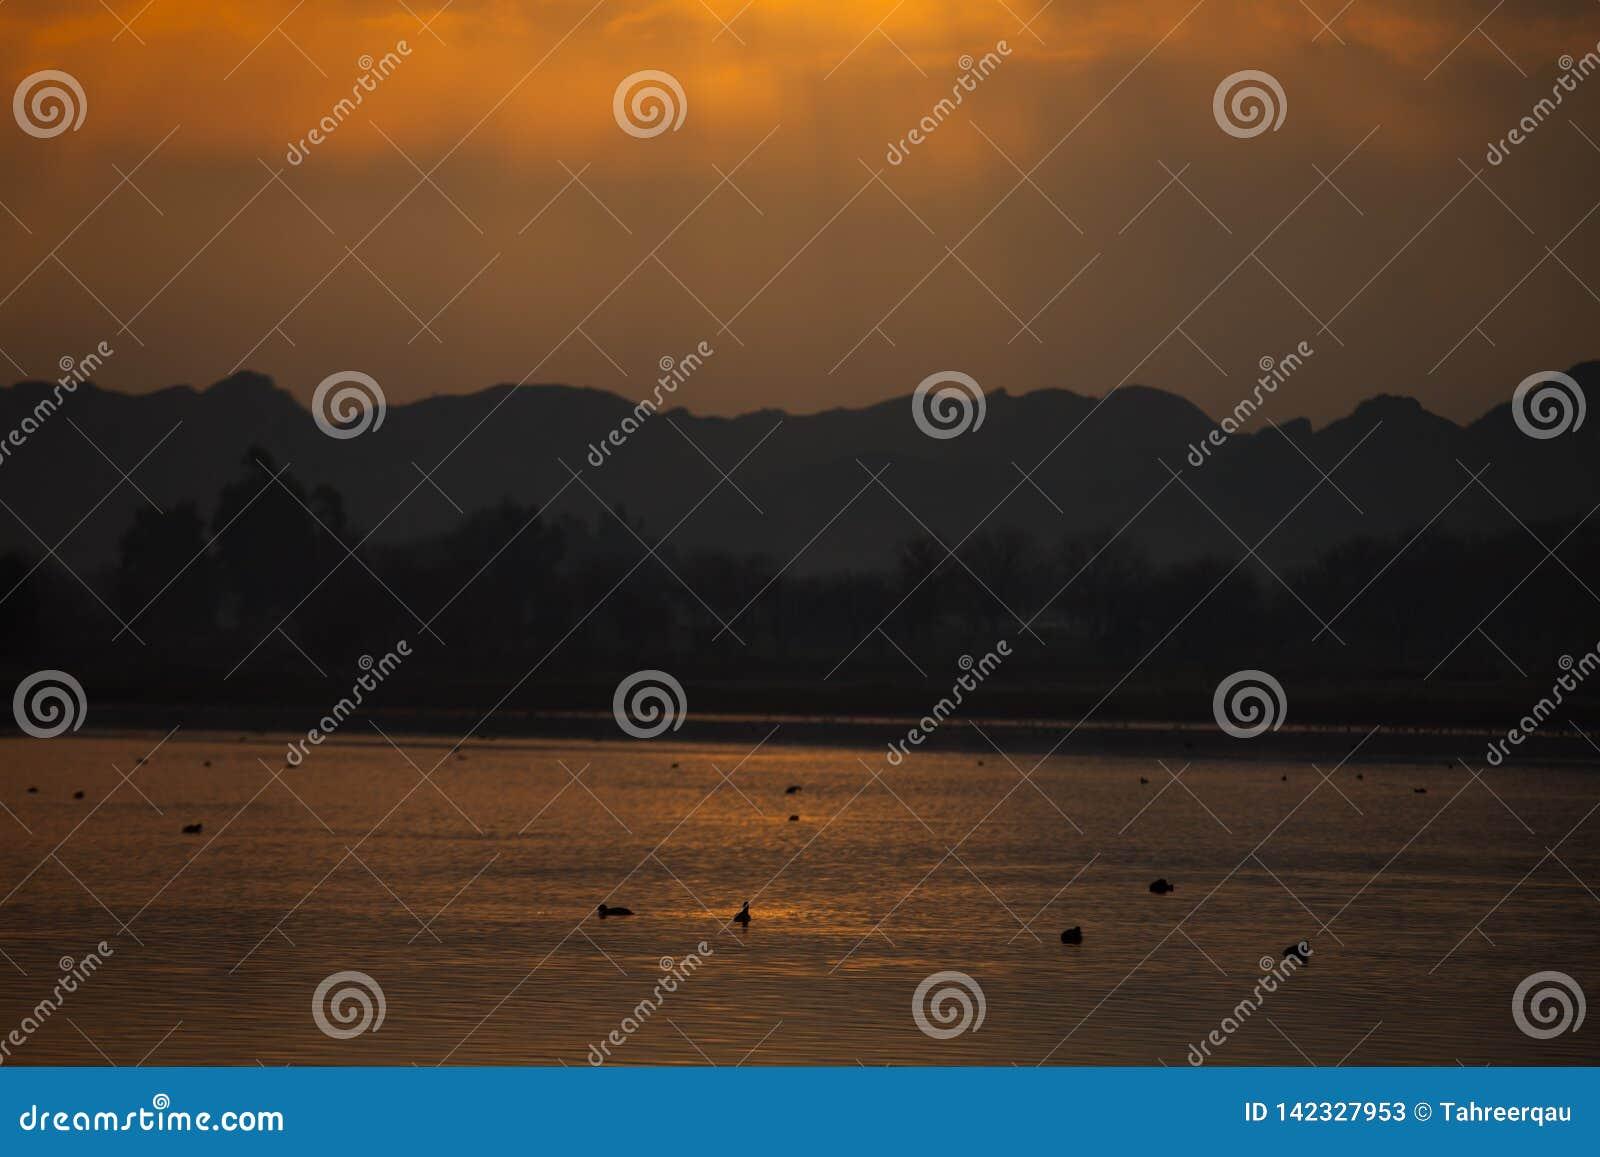 Rayos del sol en el lago en la puesta del sol